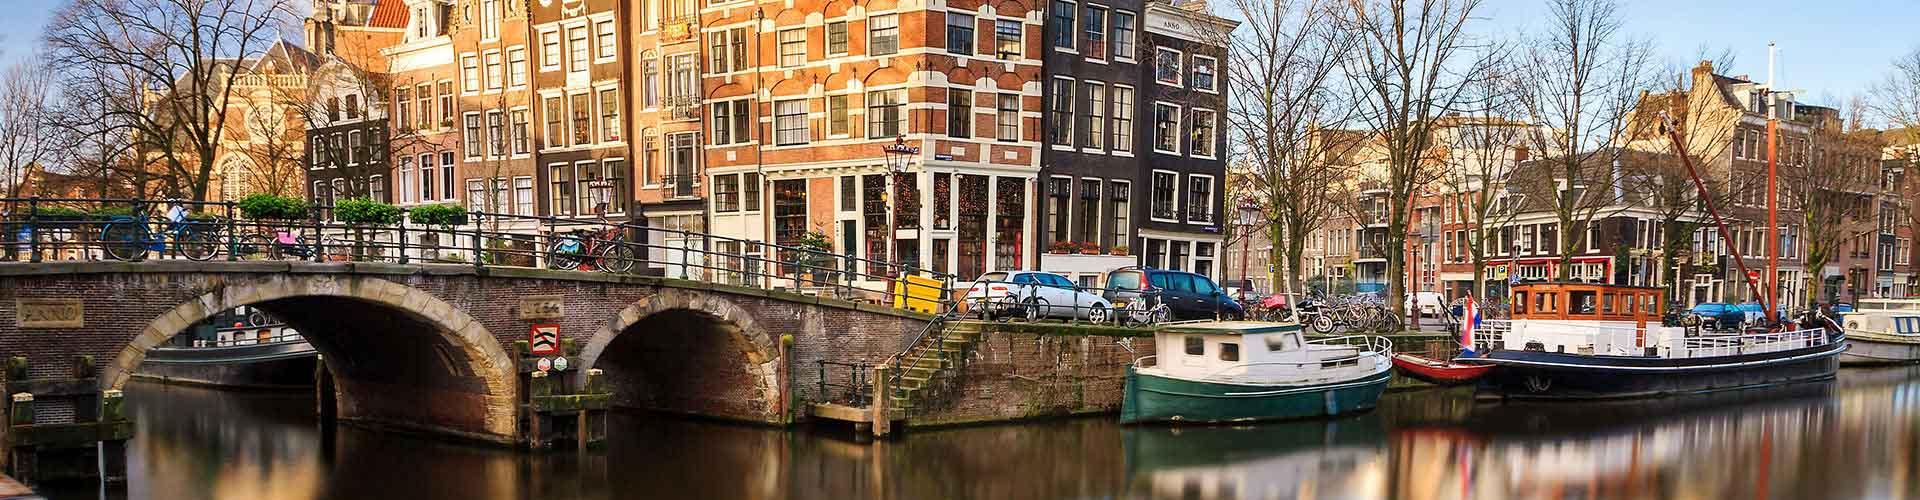 Amsterdam - Albergues Juveniles en Amsterdam. Mapas de Amsterdam, Fotos y Comentarios para cada Albergue Juvenil en Amsterdam.